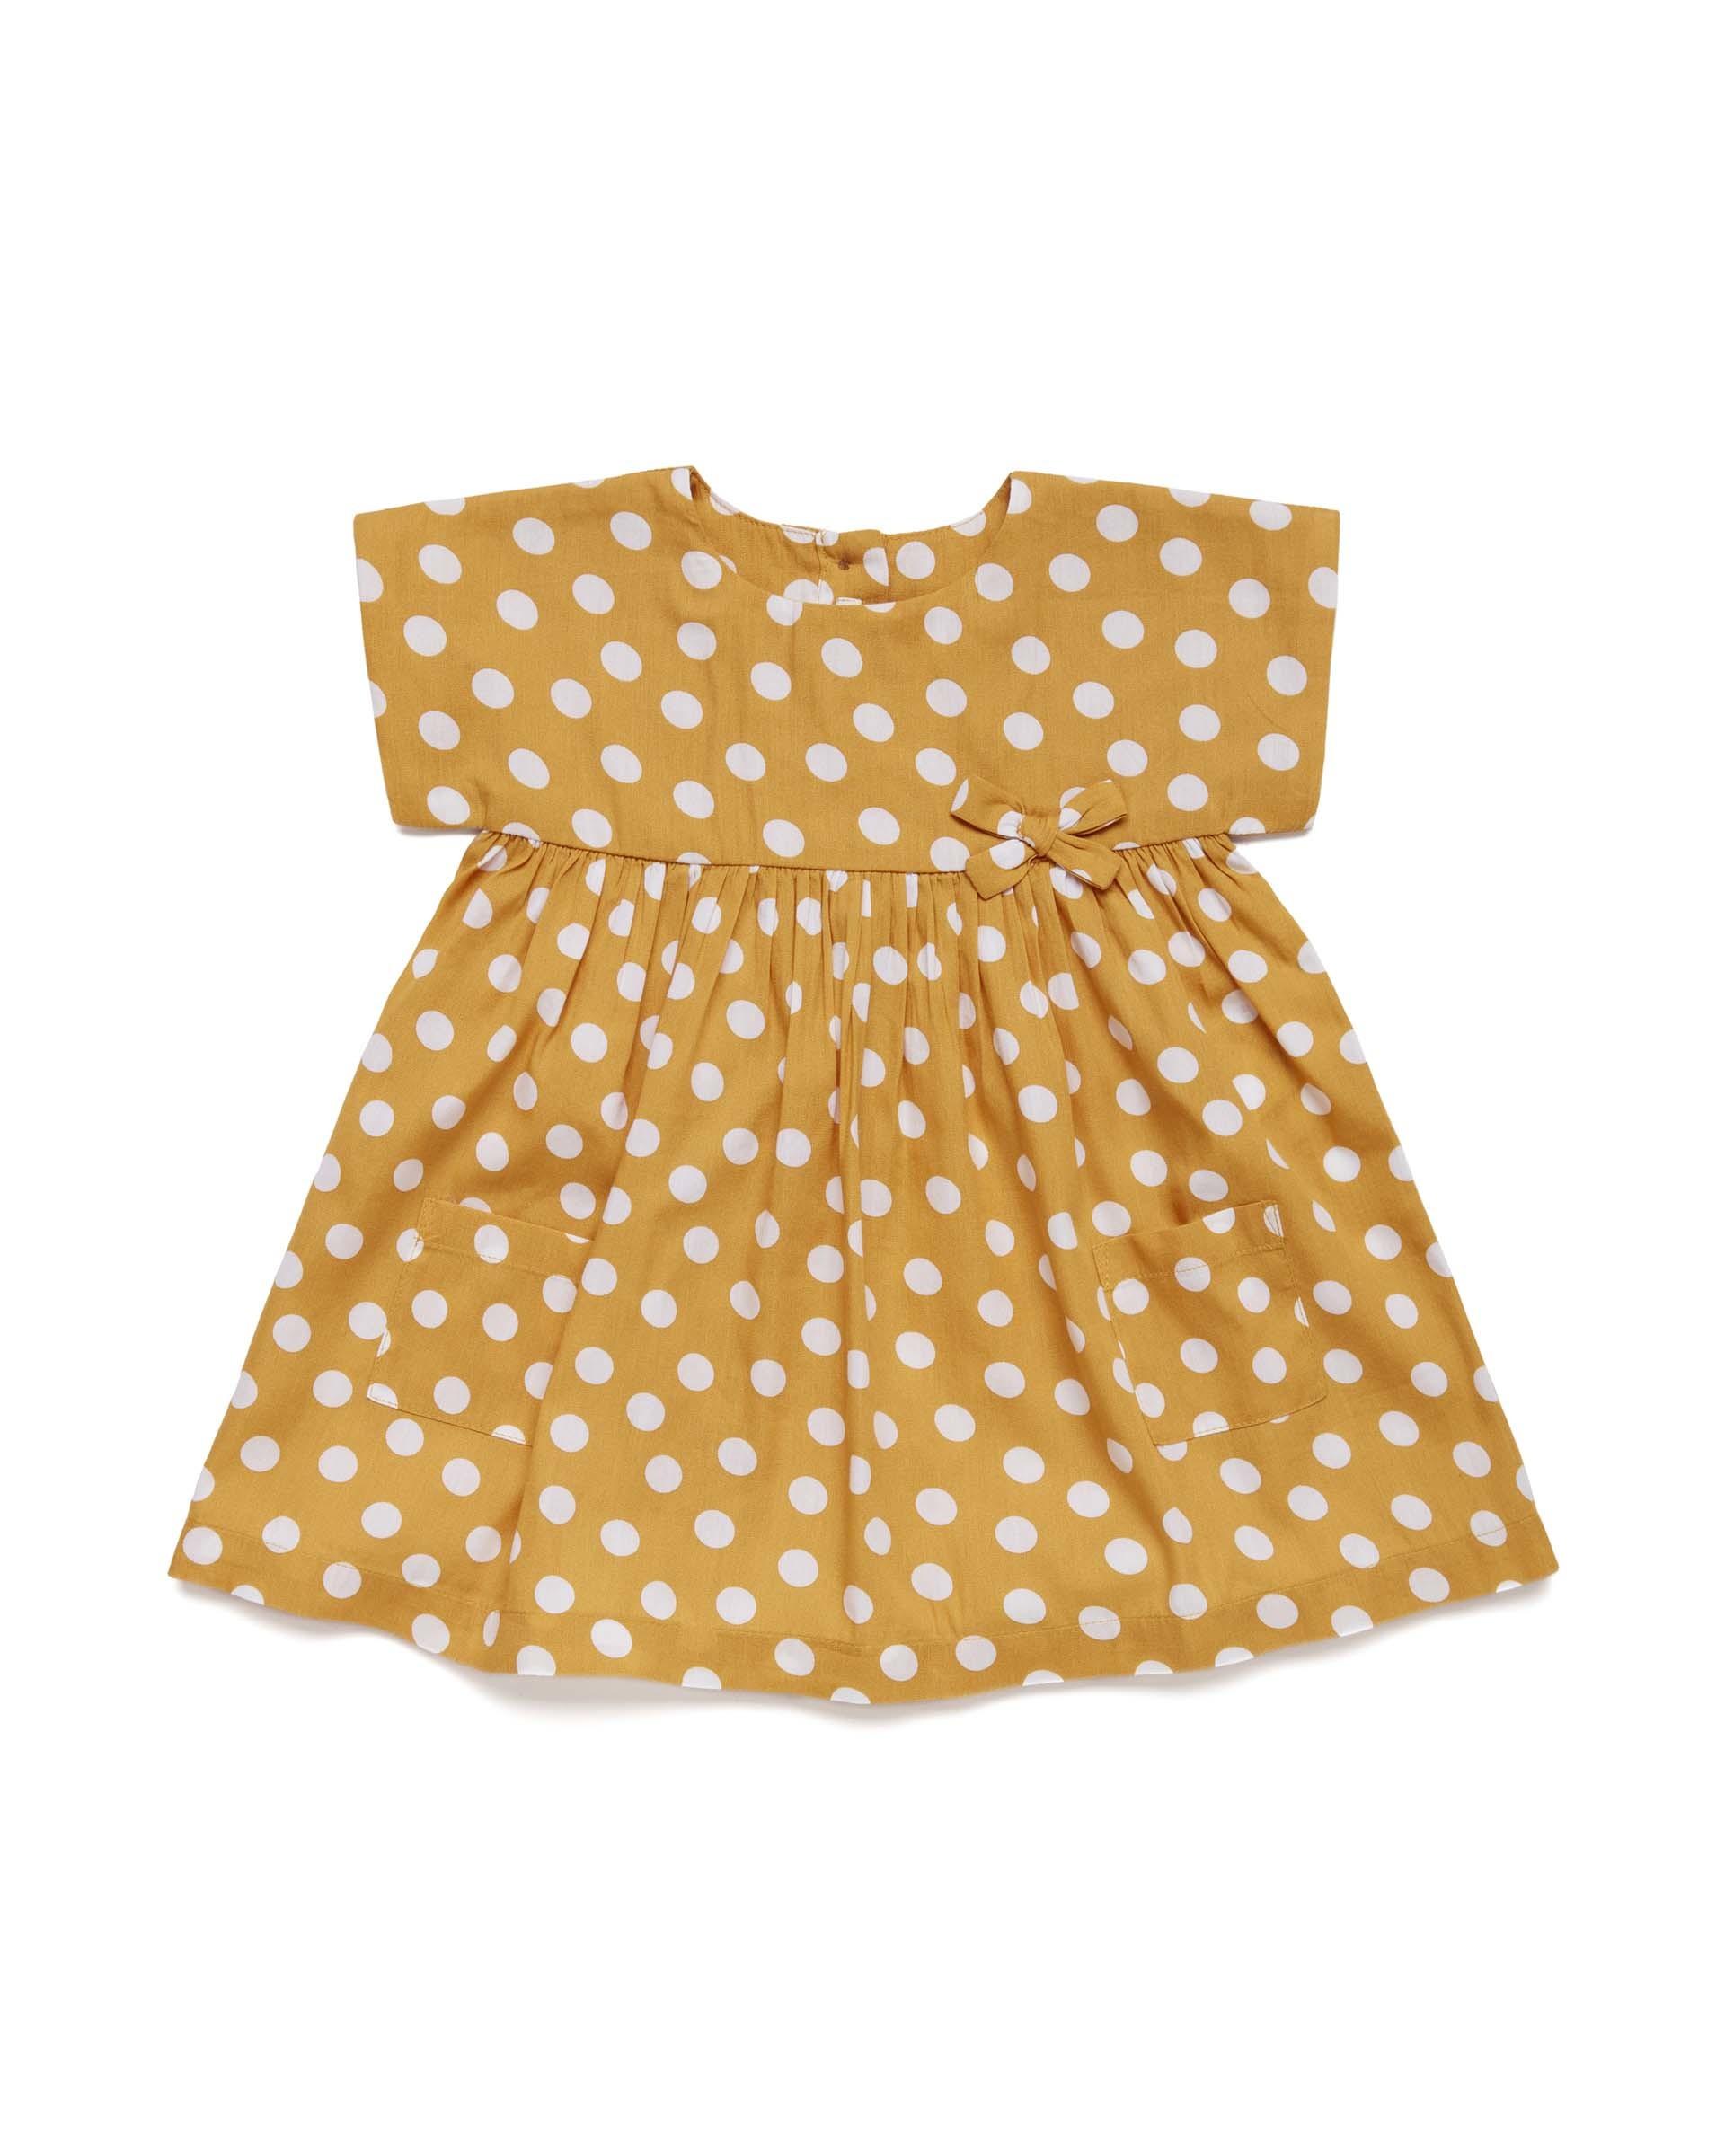 Купить 20P_4OO45V7JE_61Z, Платье для девочек Benetton 4OO45V7JE_61Z р-р 82, United Colors of Benetton, Платья для новорожденных